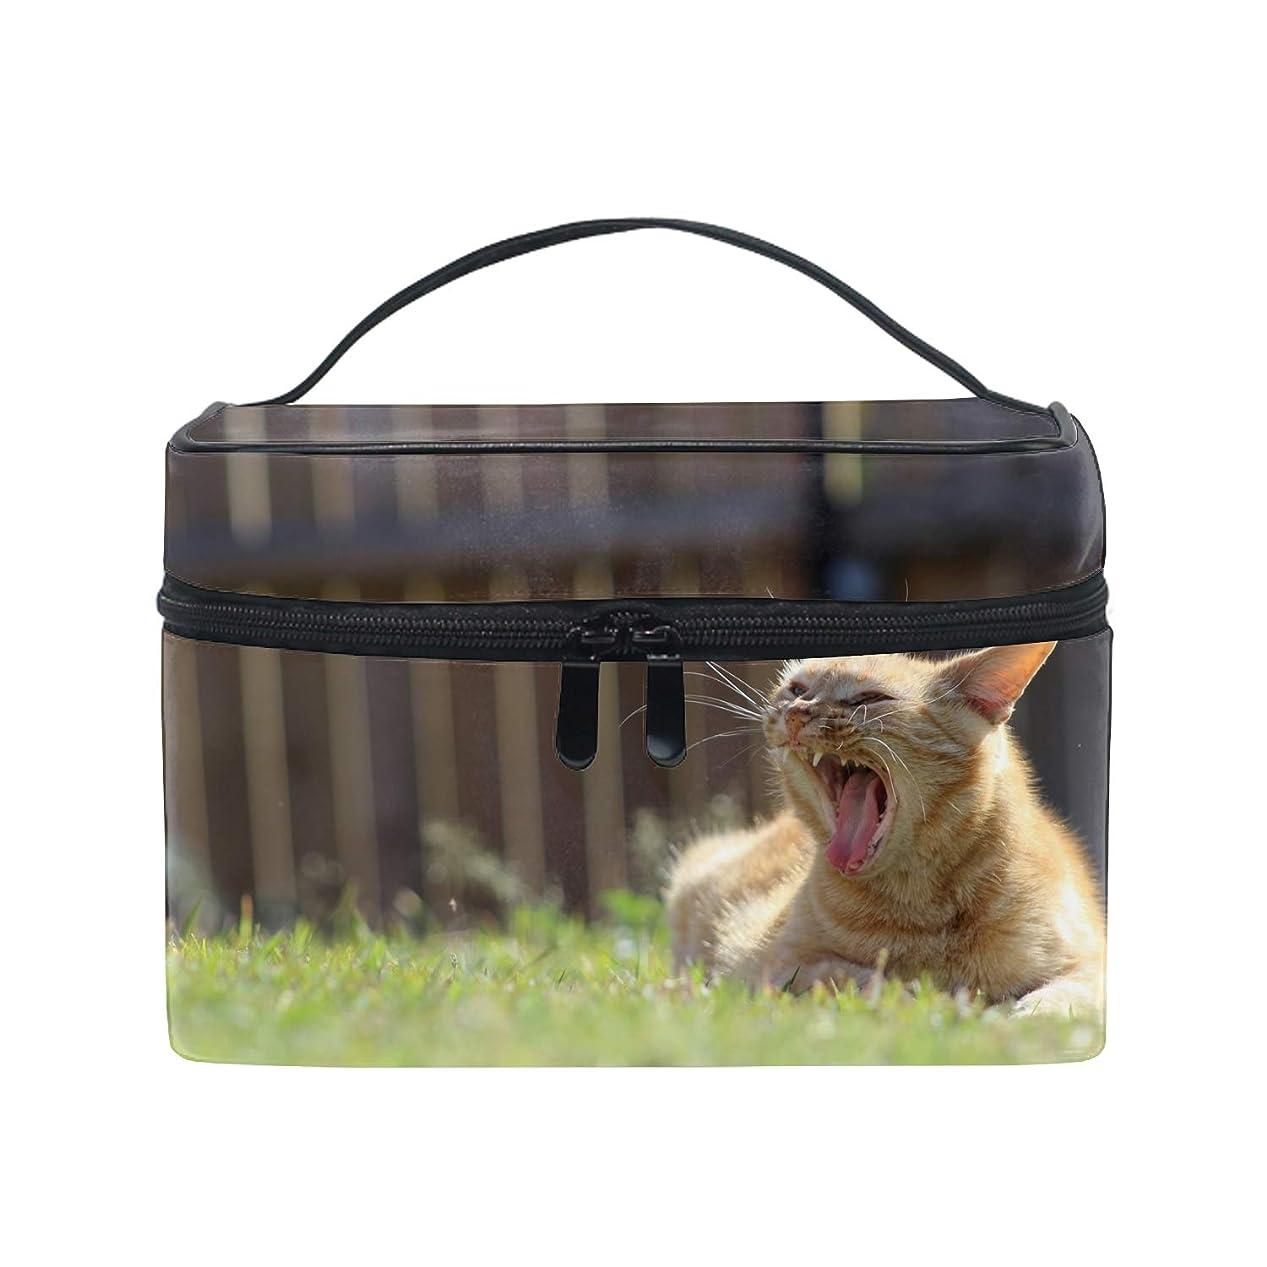 給料韓国語隠された猫動物草フィールドあくびの深さ収納バッグ コスメポーチ 化粧ポーチ 洗面用具入れ トラベルポーチ 旅行 出張 収納 コスメバッグ コンパクト 超軽量